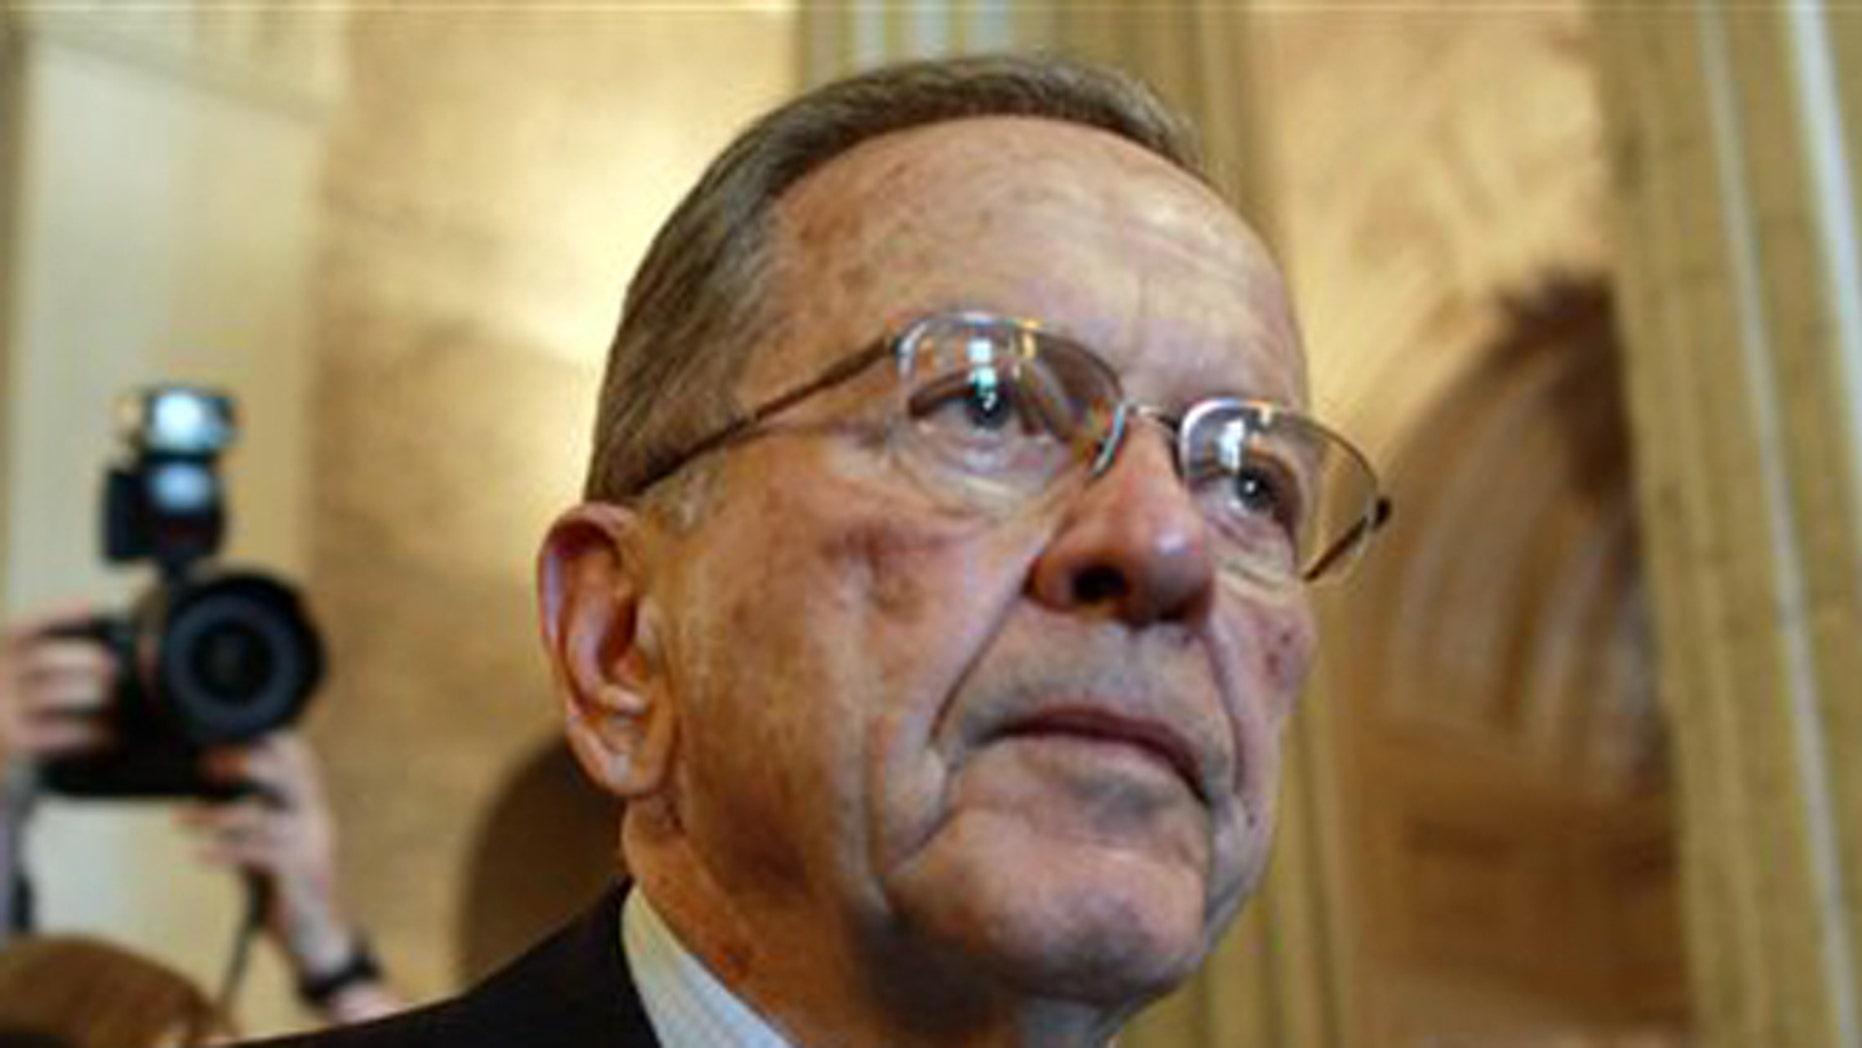 FILE: Nov. 29, 2008. Then-Sen. Ted Stevens, R-Alaska, leaves the Senate chamber after making his last formal speech on the chamber floor.